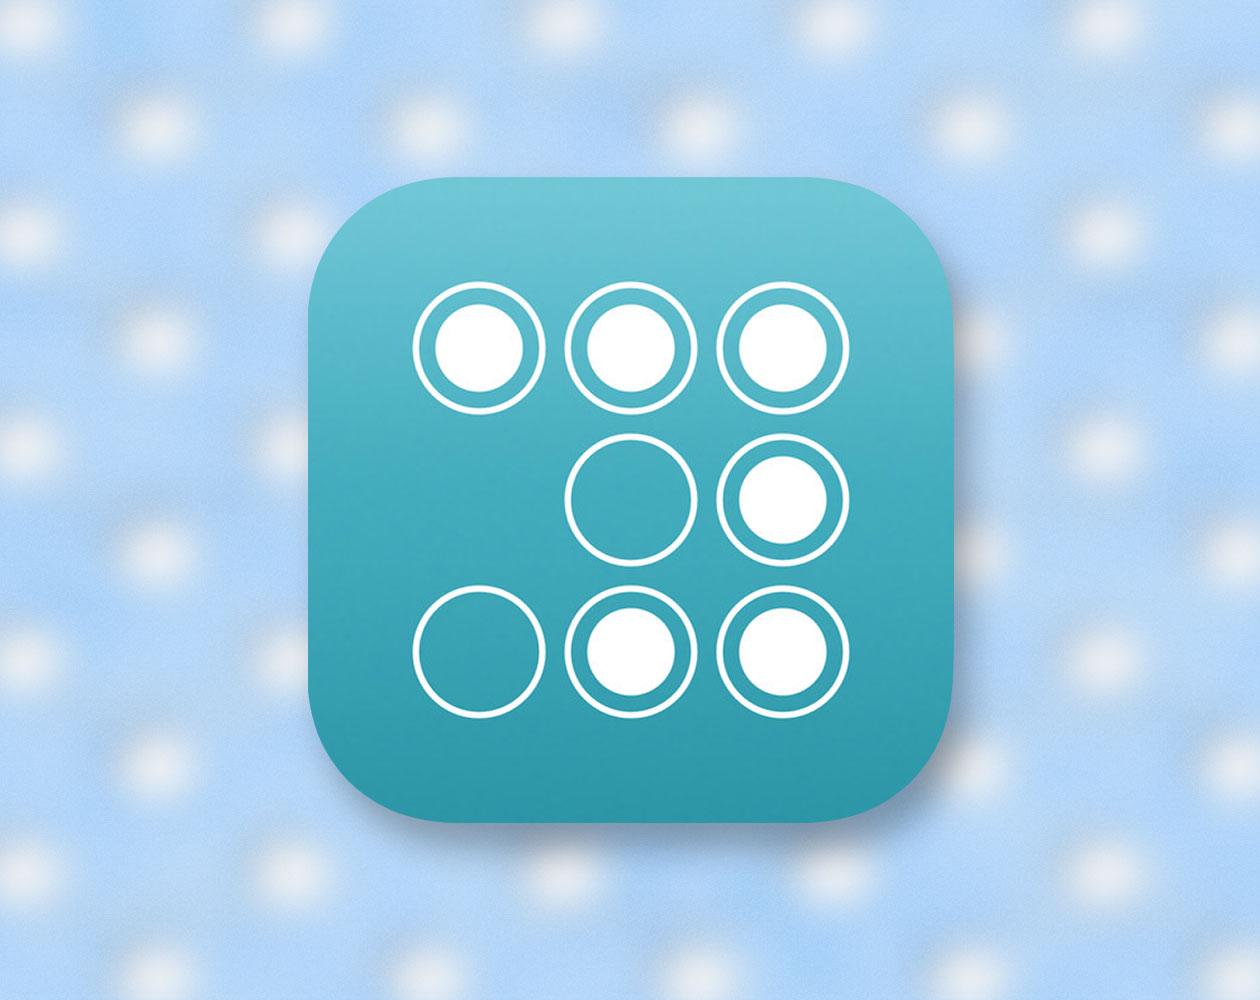 Weekly для iPhone поможет достигнуть поставленных целей